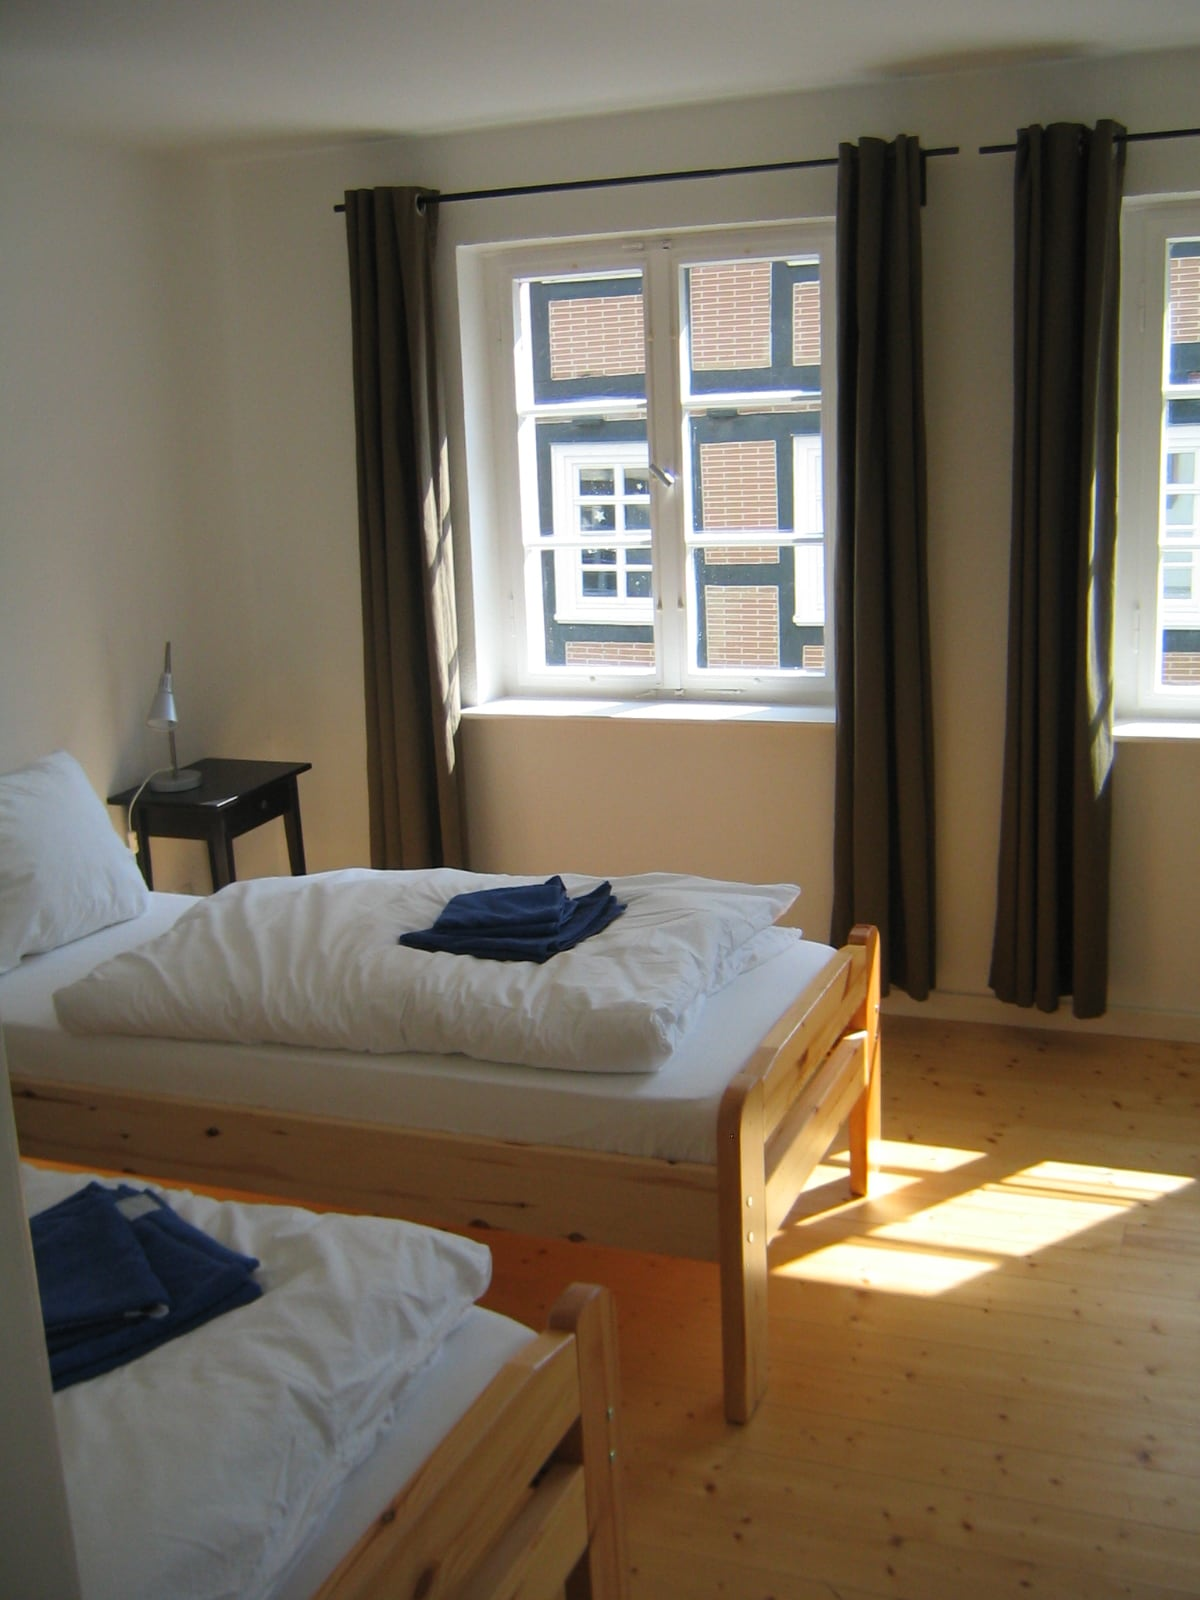 Wohnung in Marburg-Weidenhausen 1OG